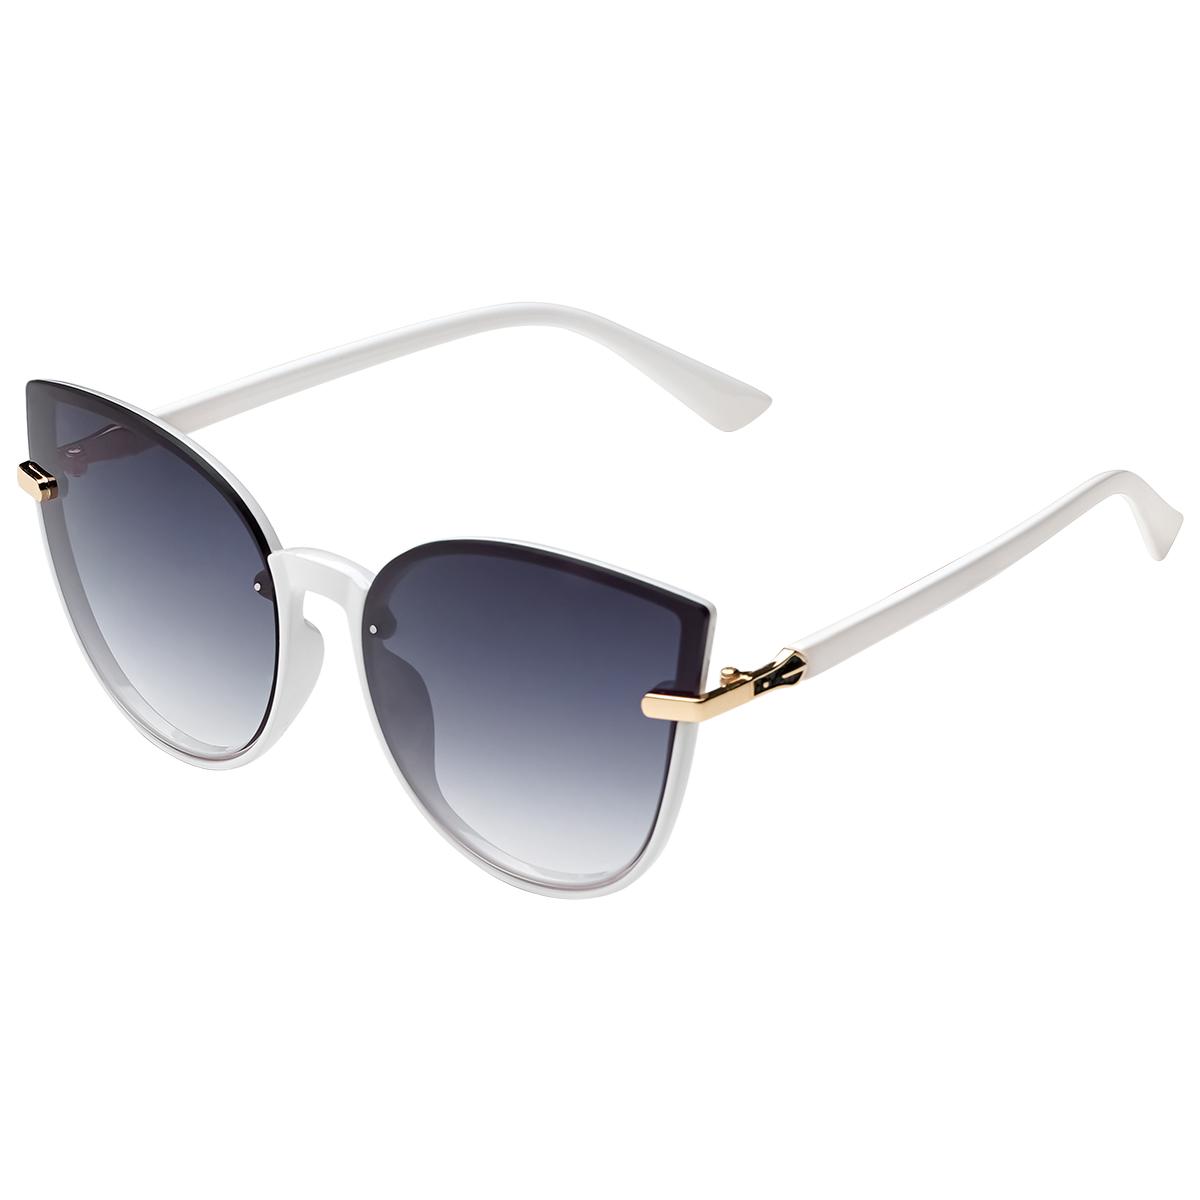 Zonnebril Cat Eye wit witte dames zonnebrillen gouden detail trendy festival brillen musthaves kopen bestellen yehwang